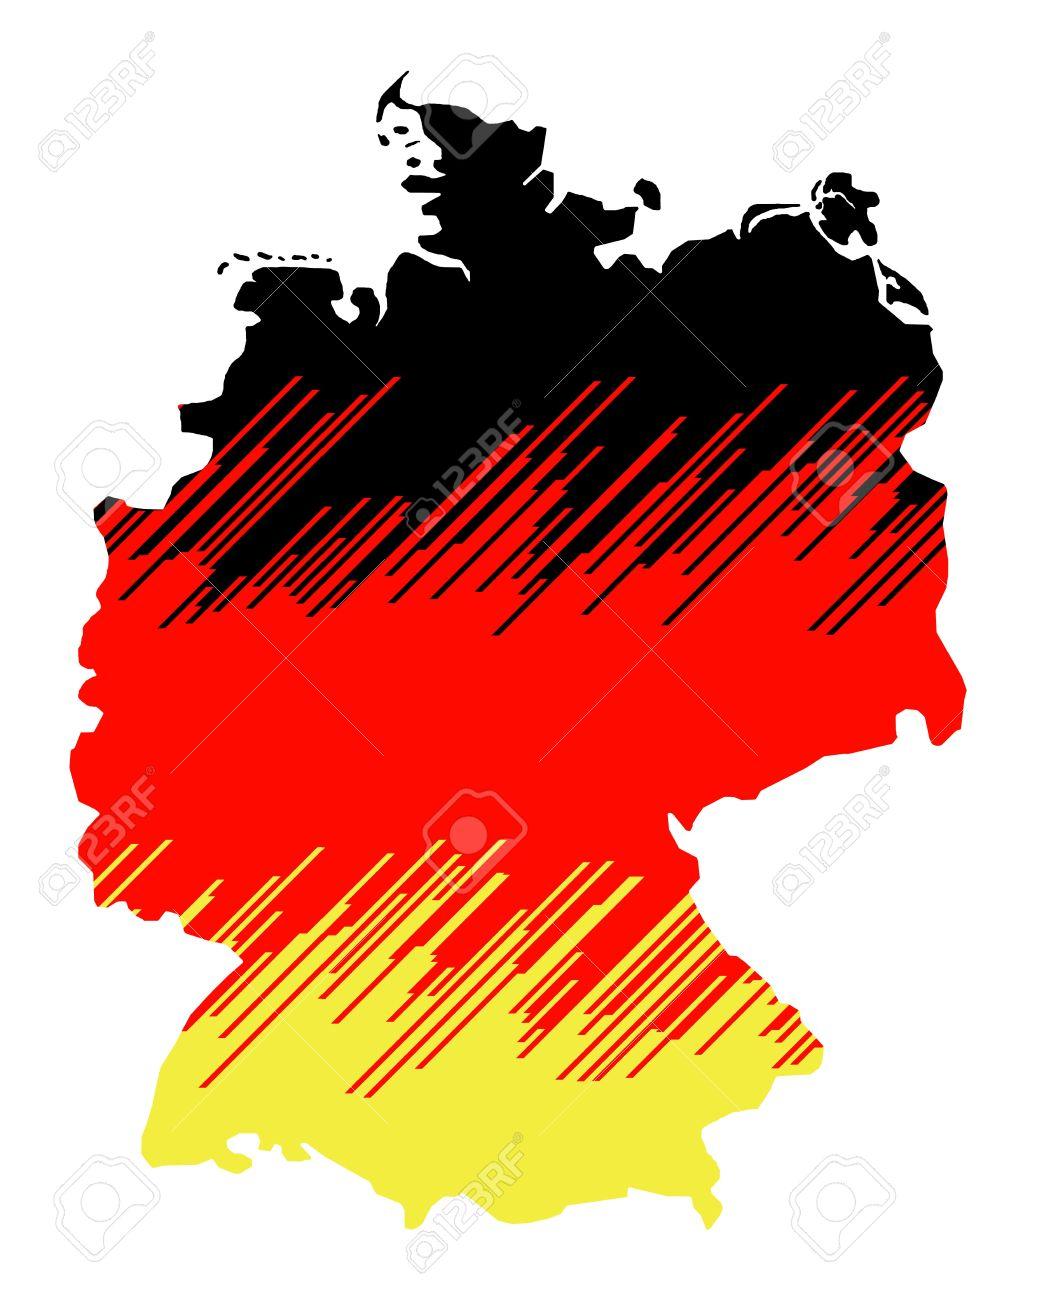 Zusammenfassung Karte Von Deutschland Isoliert Auf Weißem